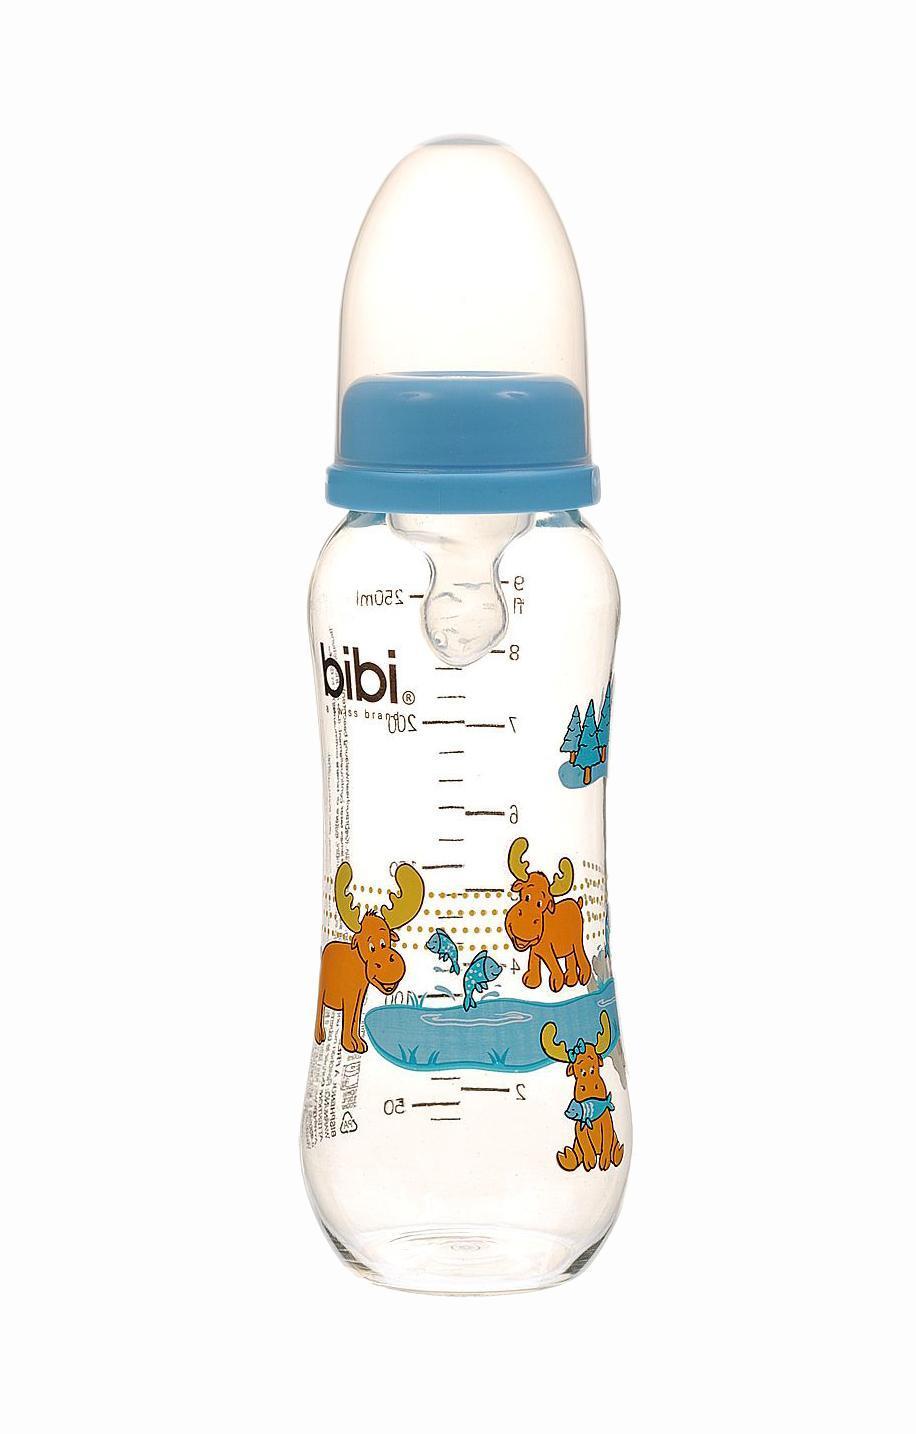 Бутылочка для кормления Bibi, с силиконовой соской, от 0 месяцев, цвет: голубой, 250 мл105198/01.234.11-40Здоровье детей имеете наивысший приоритет! Поэтому Bibi делает бутылочки для детского питания из безопасного полиамида. Детская бутылочка от швейцарской марки Bibi продумана до мельчайшей детали. Конструкция колпачка исключает протекание при транспортировке, клапан на ободке соски защищает от колик, мерная шкала позволяет легко дозировать содержимое, приталенная форма помогает крохе держать бутылочку в руках.